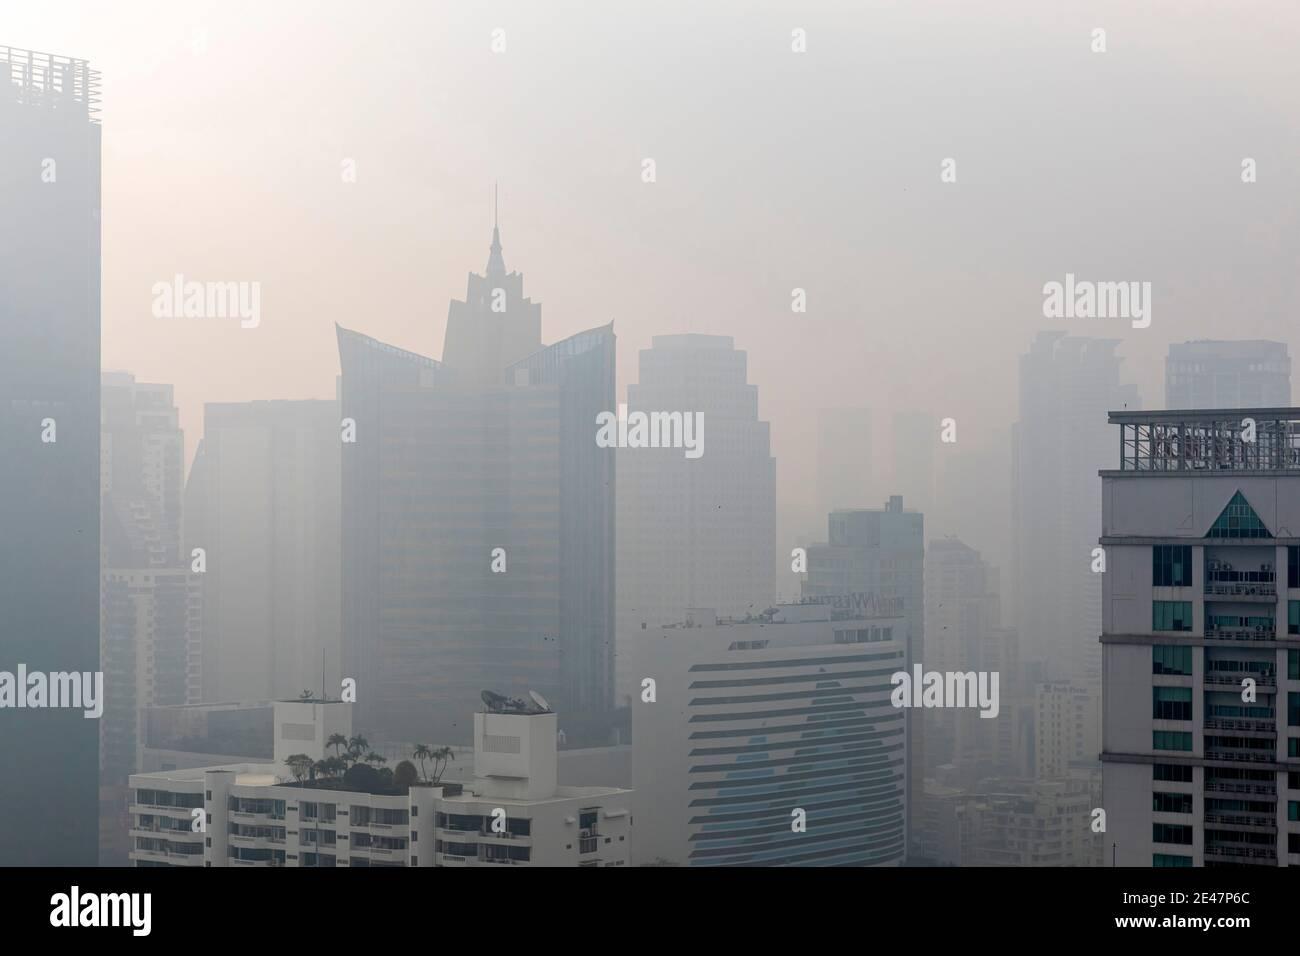 Haze and pollution over central Bangkok, Thailand Stock Photo